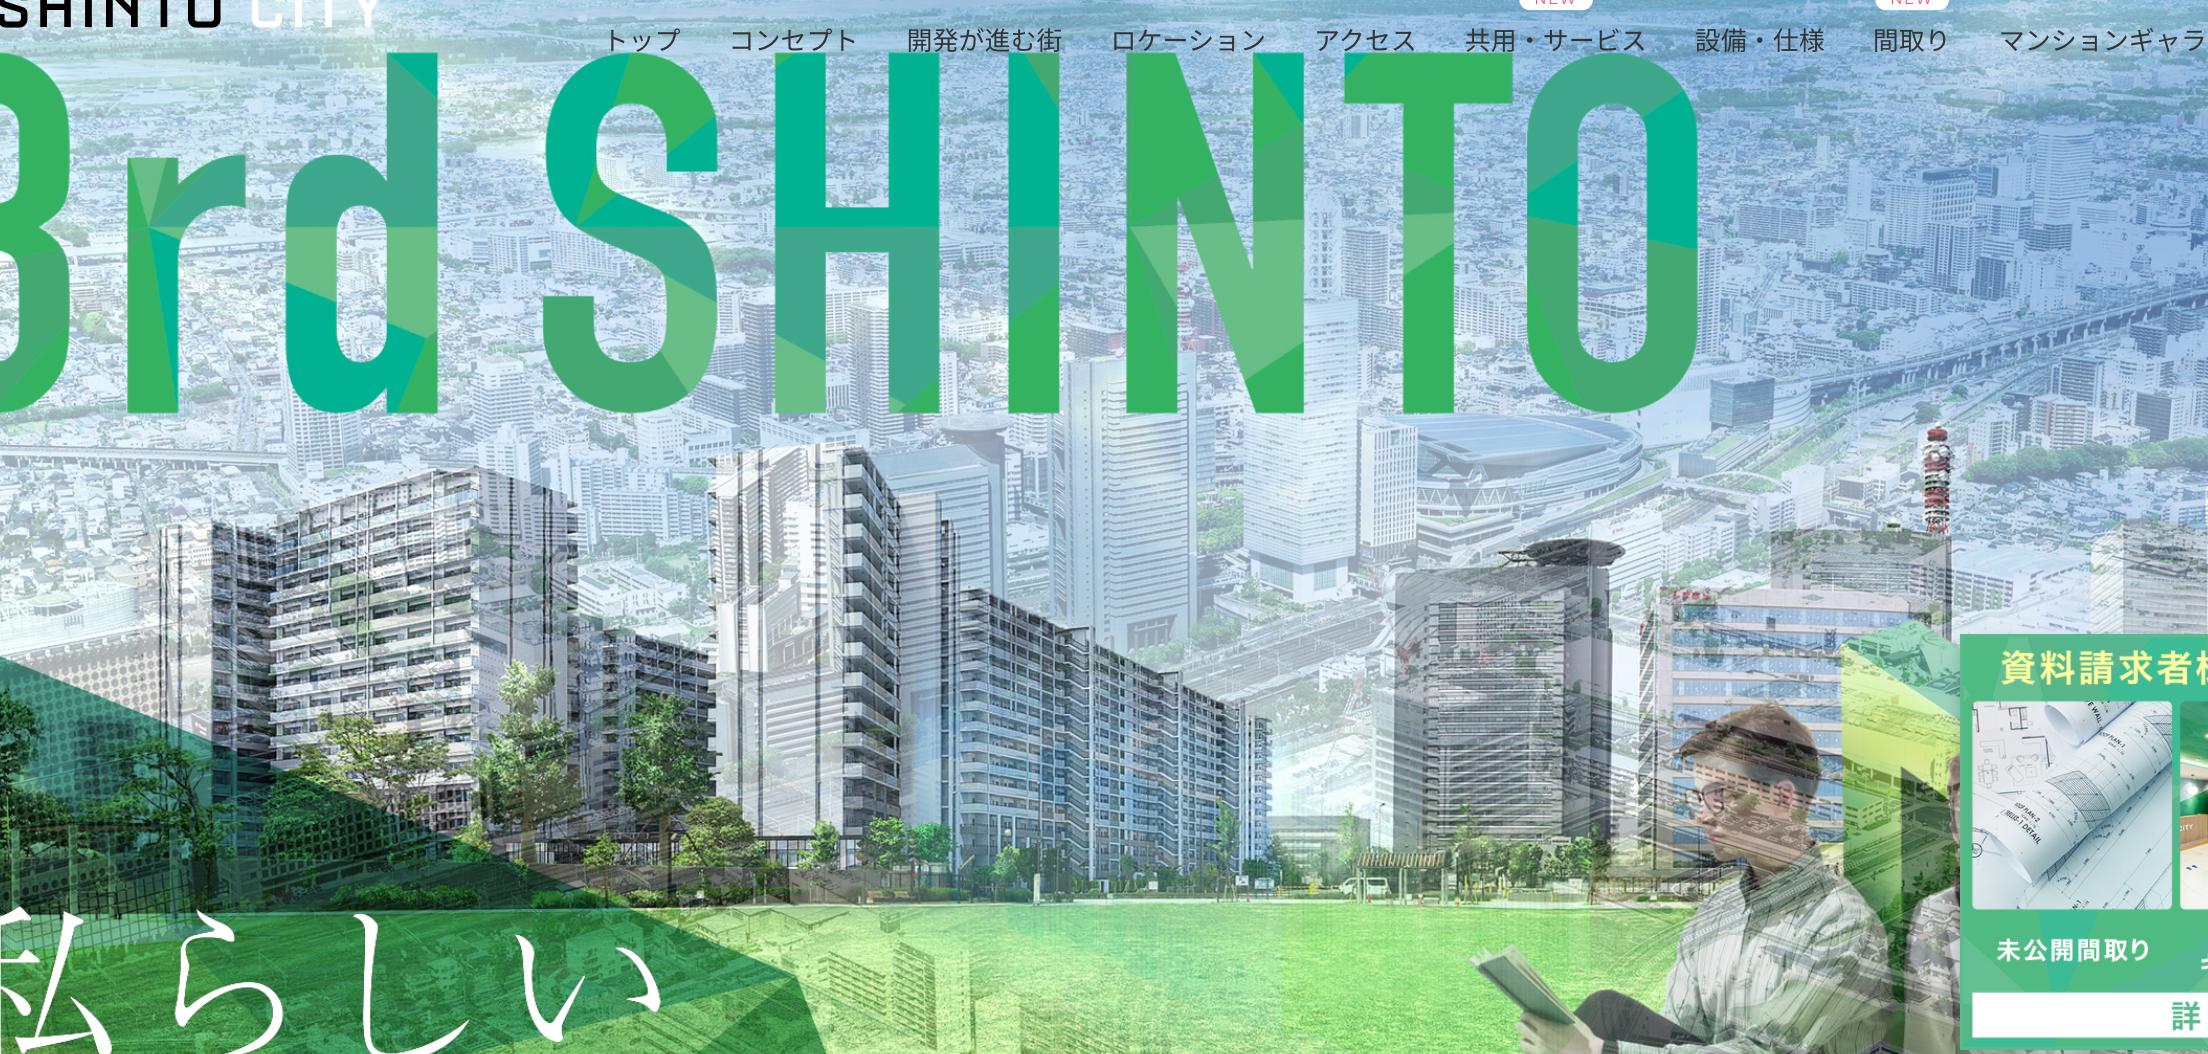 首都圏のマンション発売戸数、4年ぶりの水準ー5月の首都圏マンション発売、556.0%増の2578戸・緊急事態宣言中の前年同月比で急増 不動産経済研究所